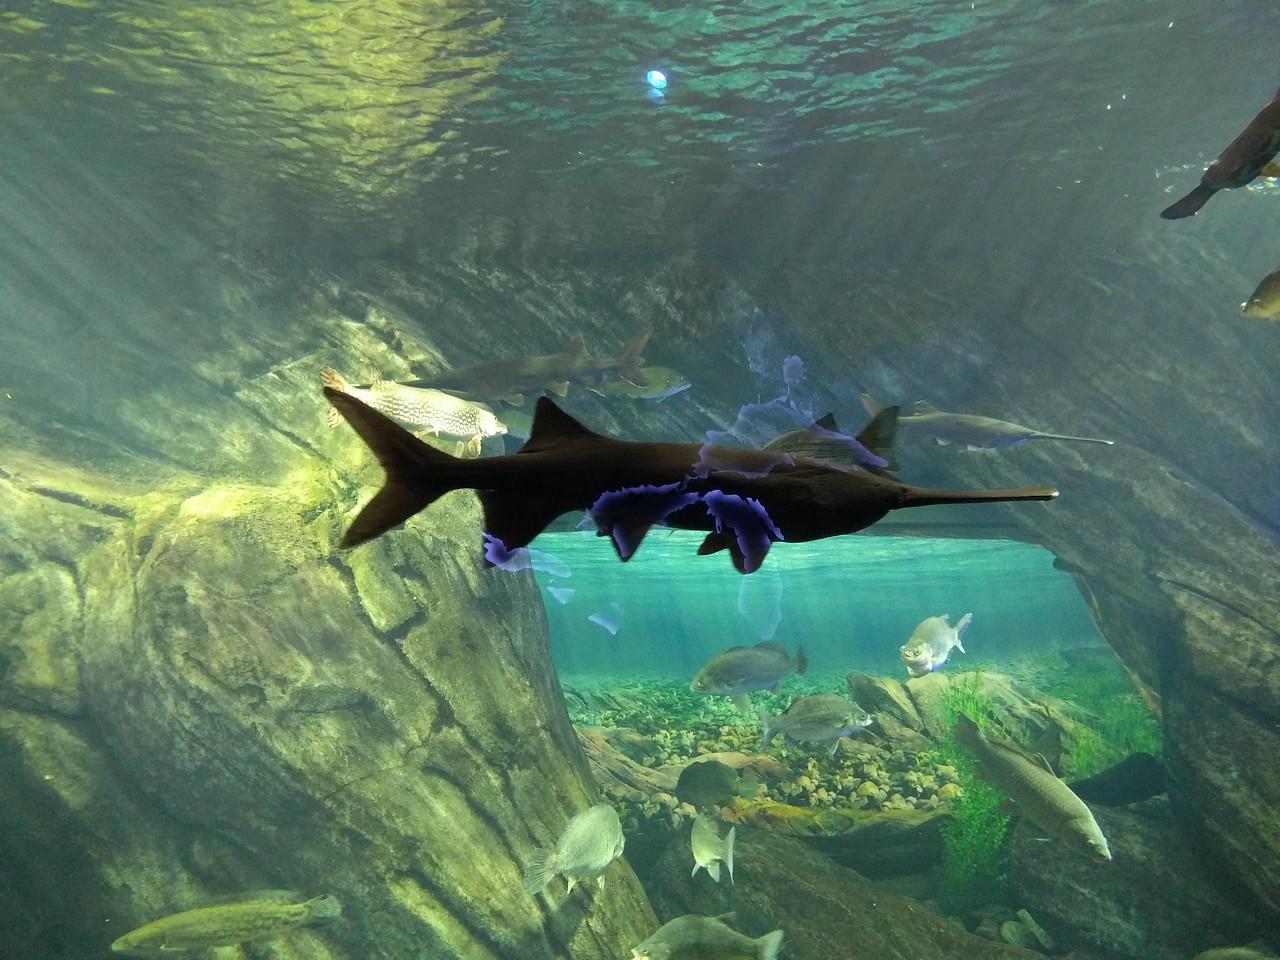 029 - Toronto - Aquarium - Sawfish